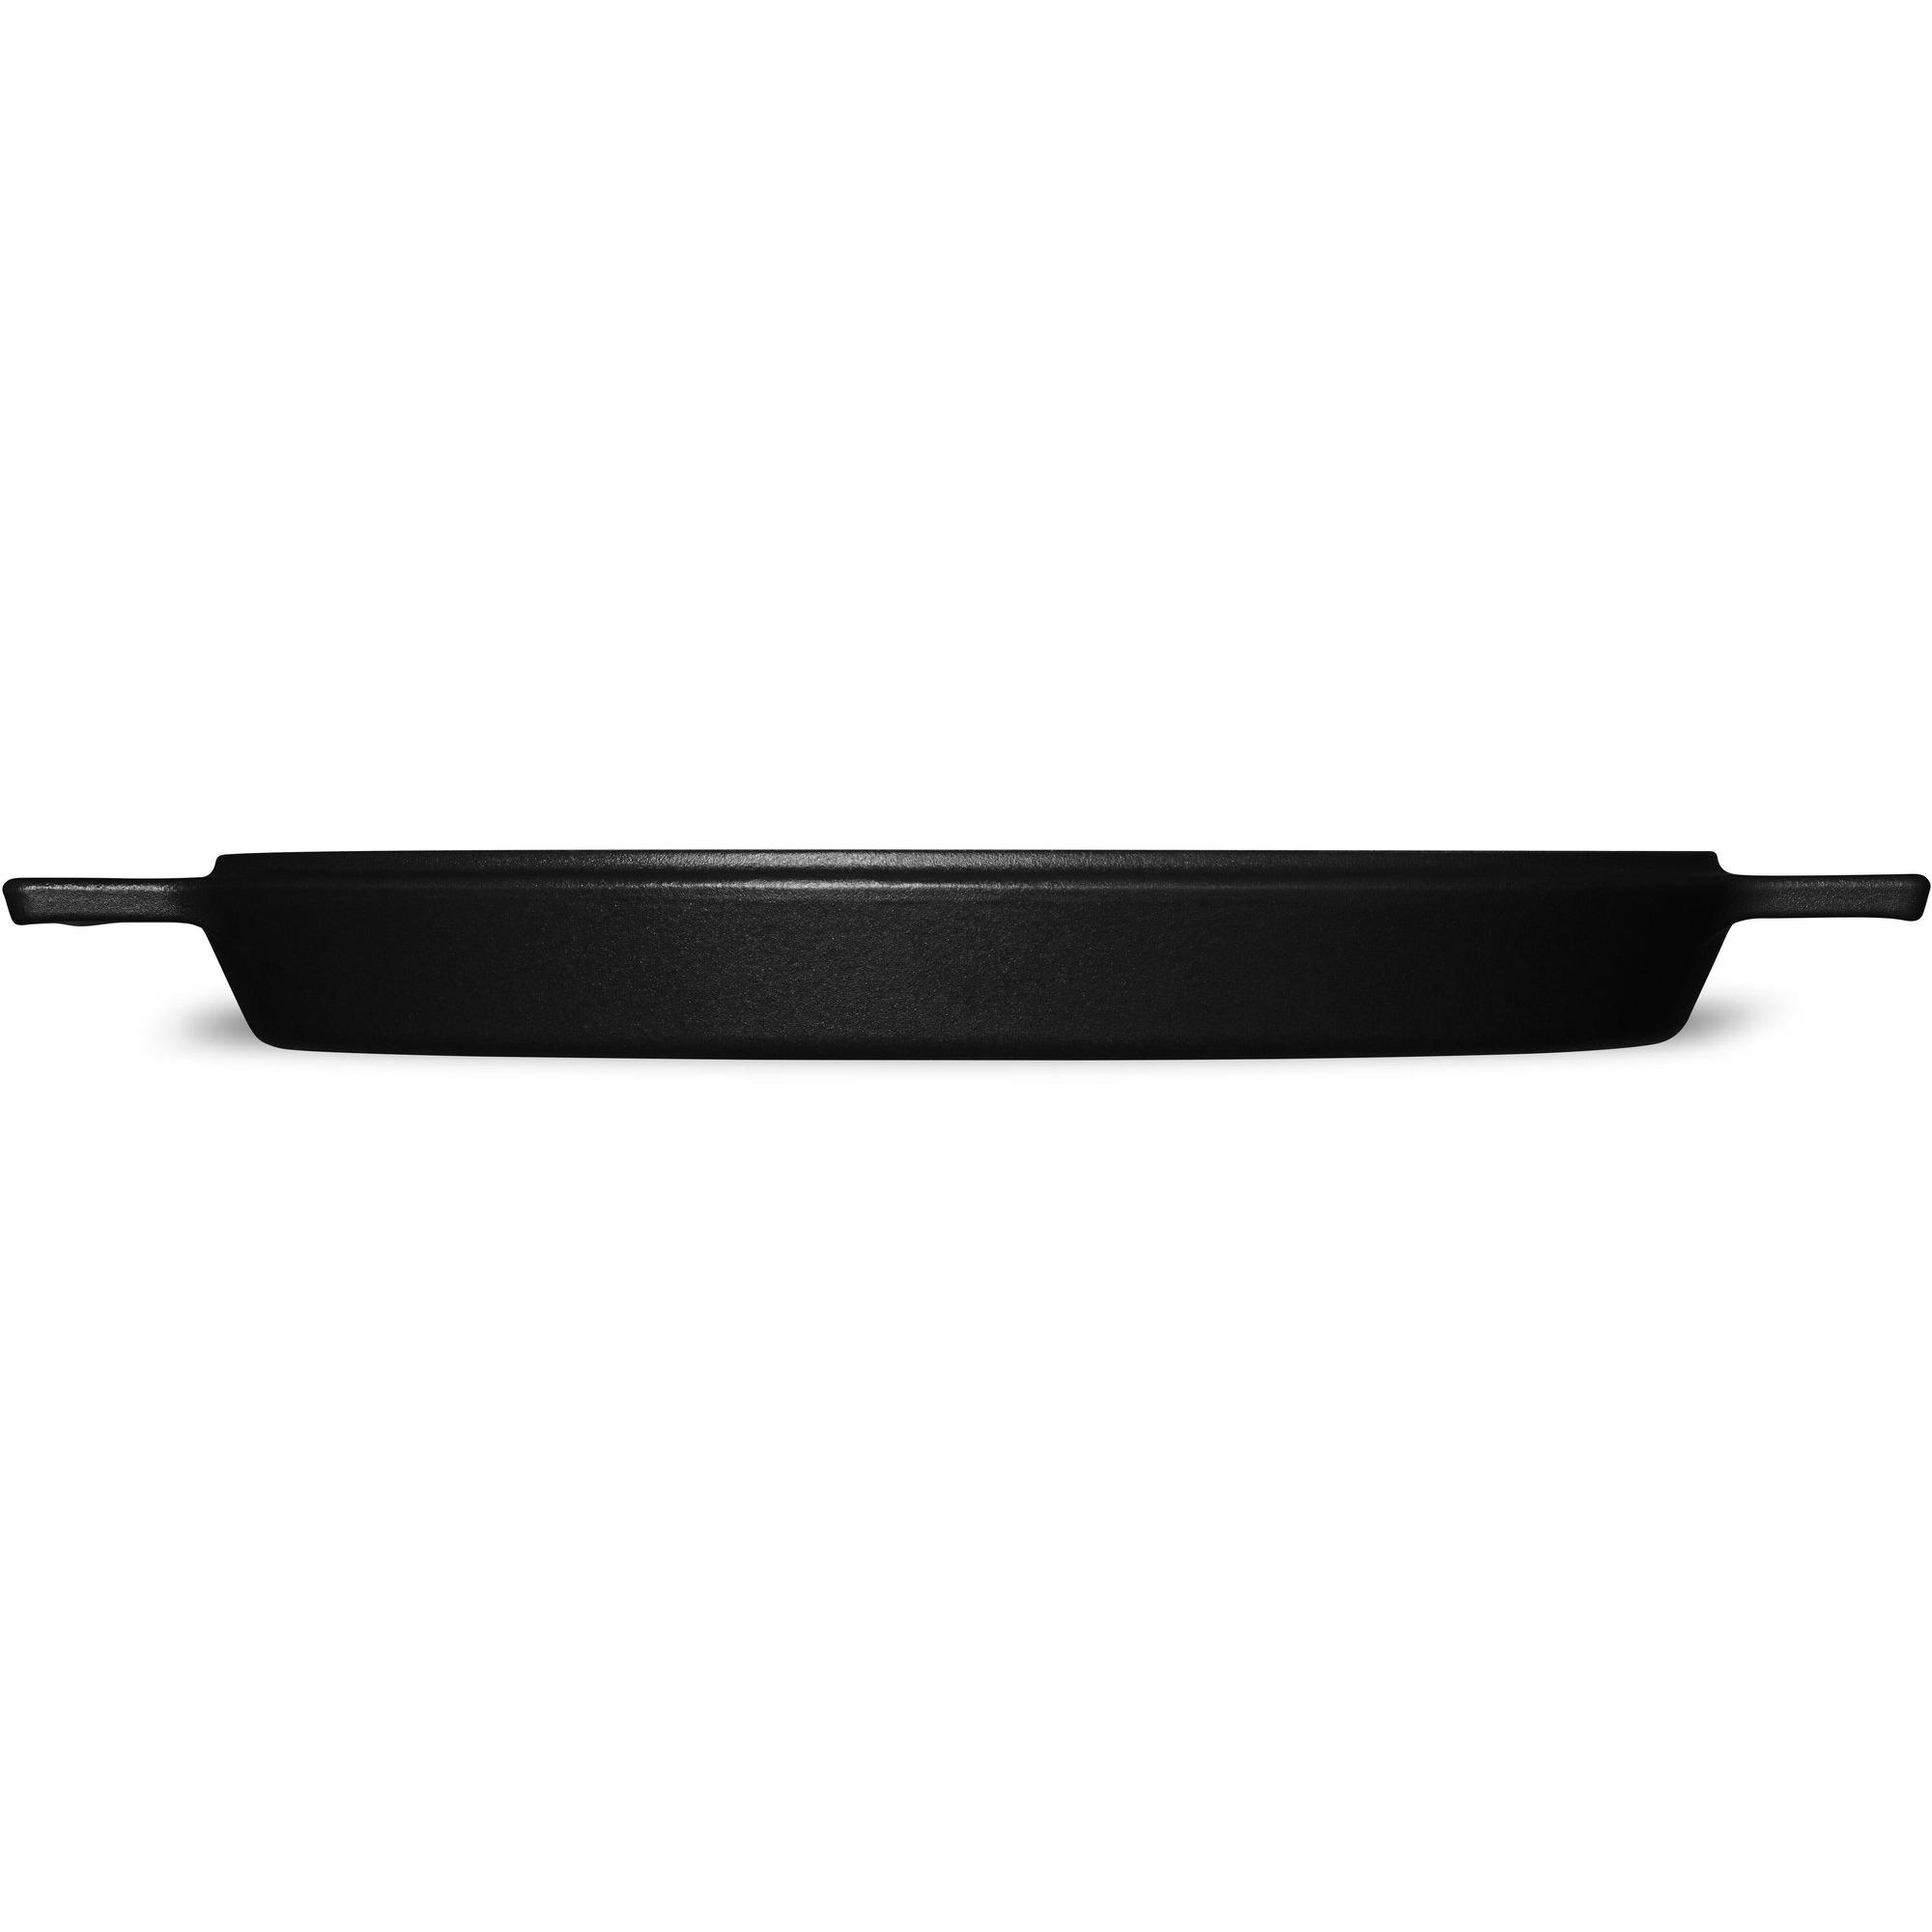 Morsø Grillpanna i gjutjärn 28 cm.